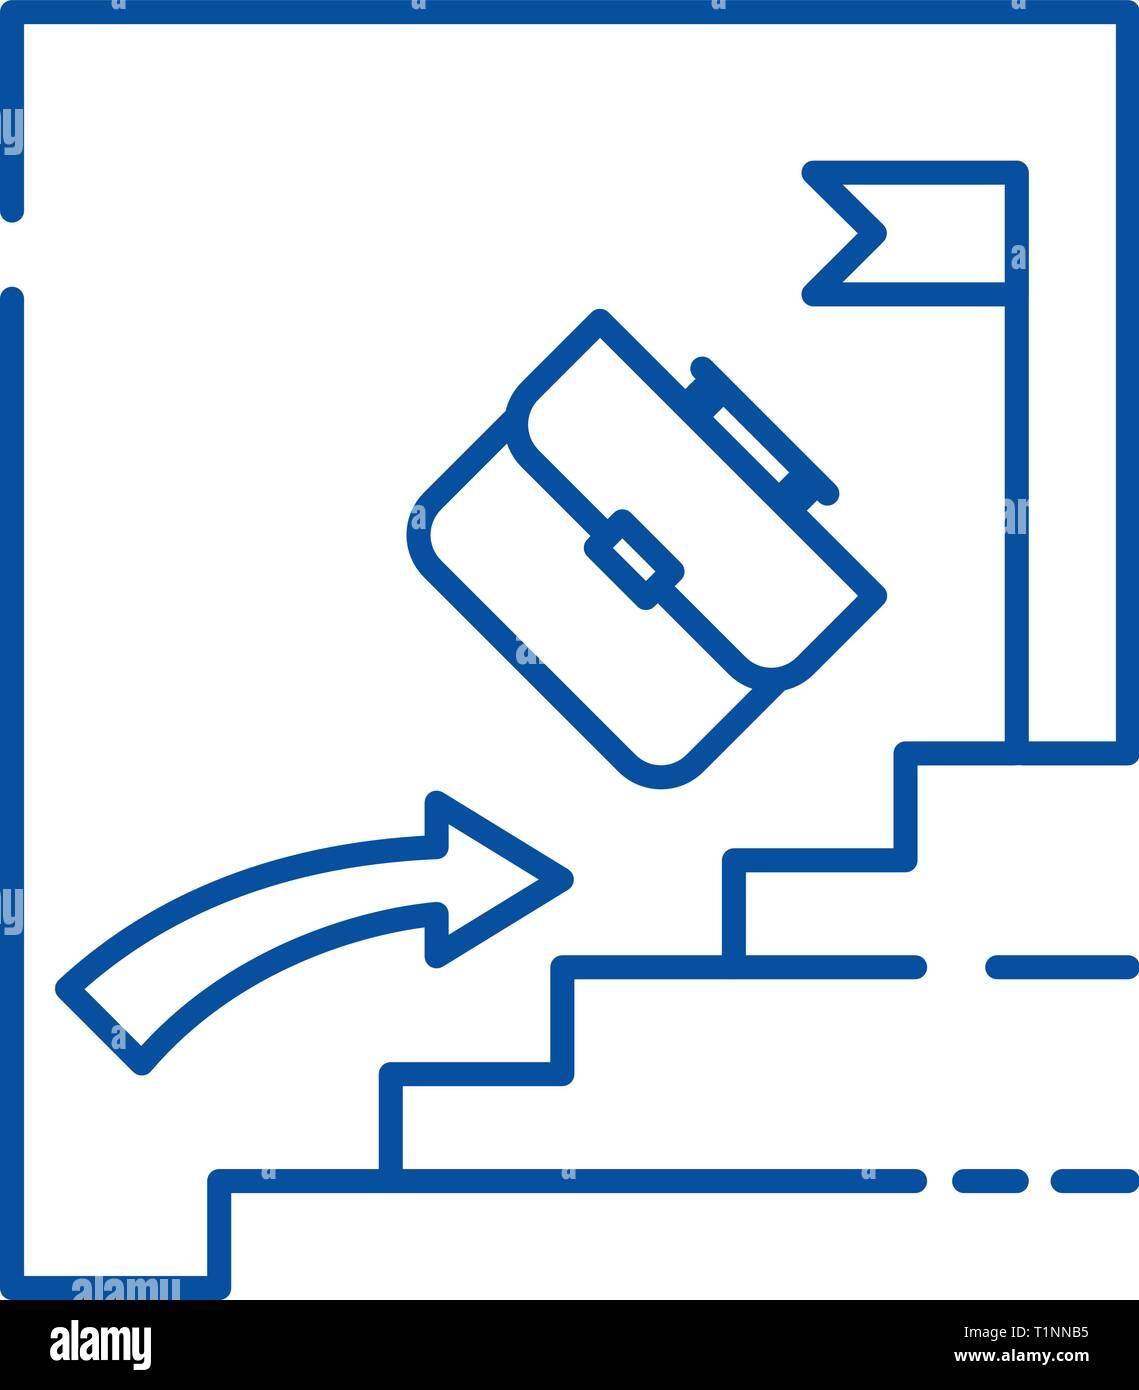 L'icône de la ligne investissement passif concept. Investissement passif télévision vector symbole, signe, contours illustration. Photo Stock